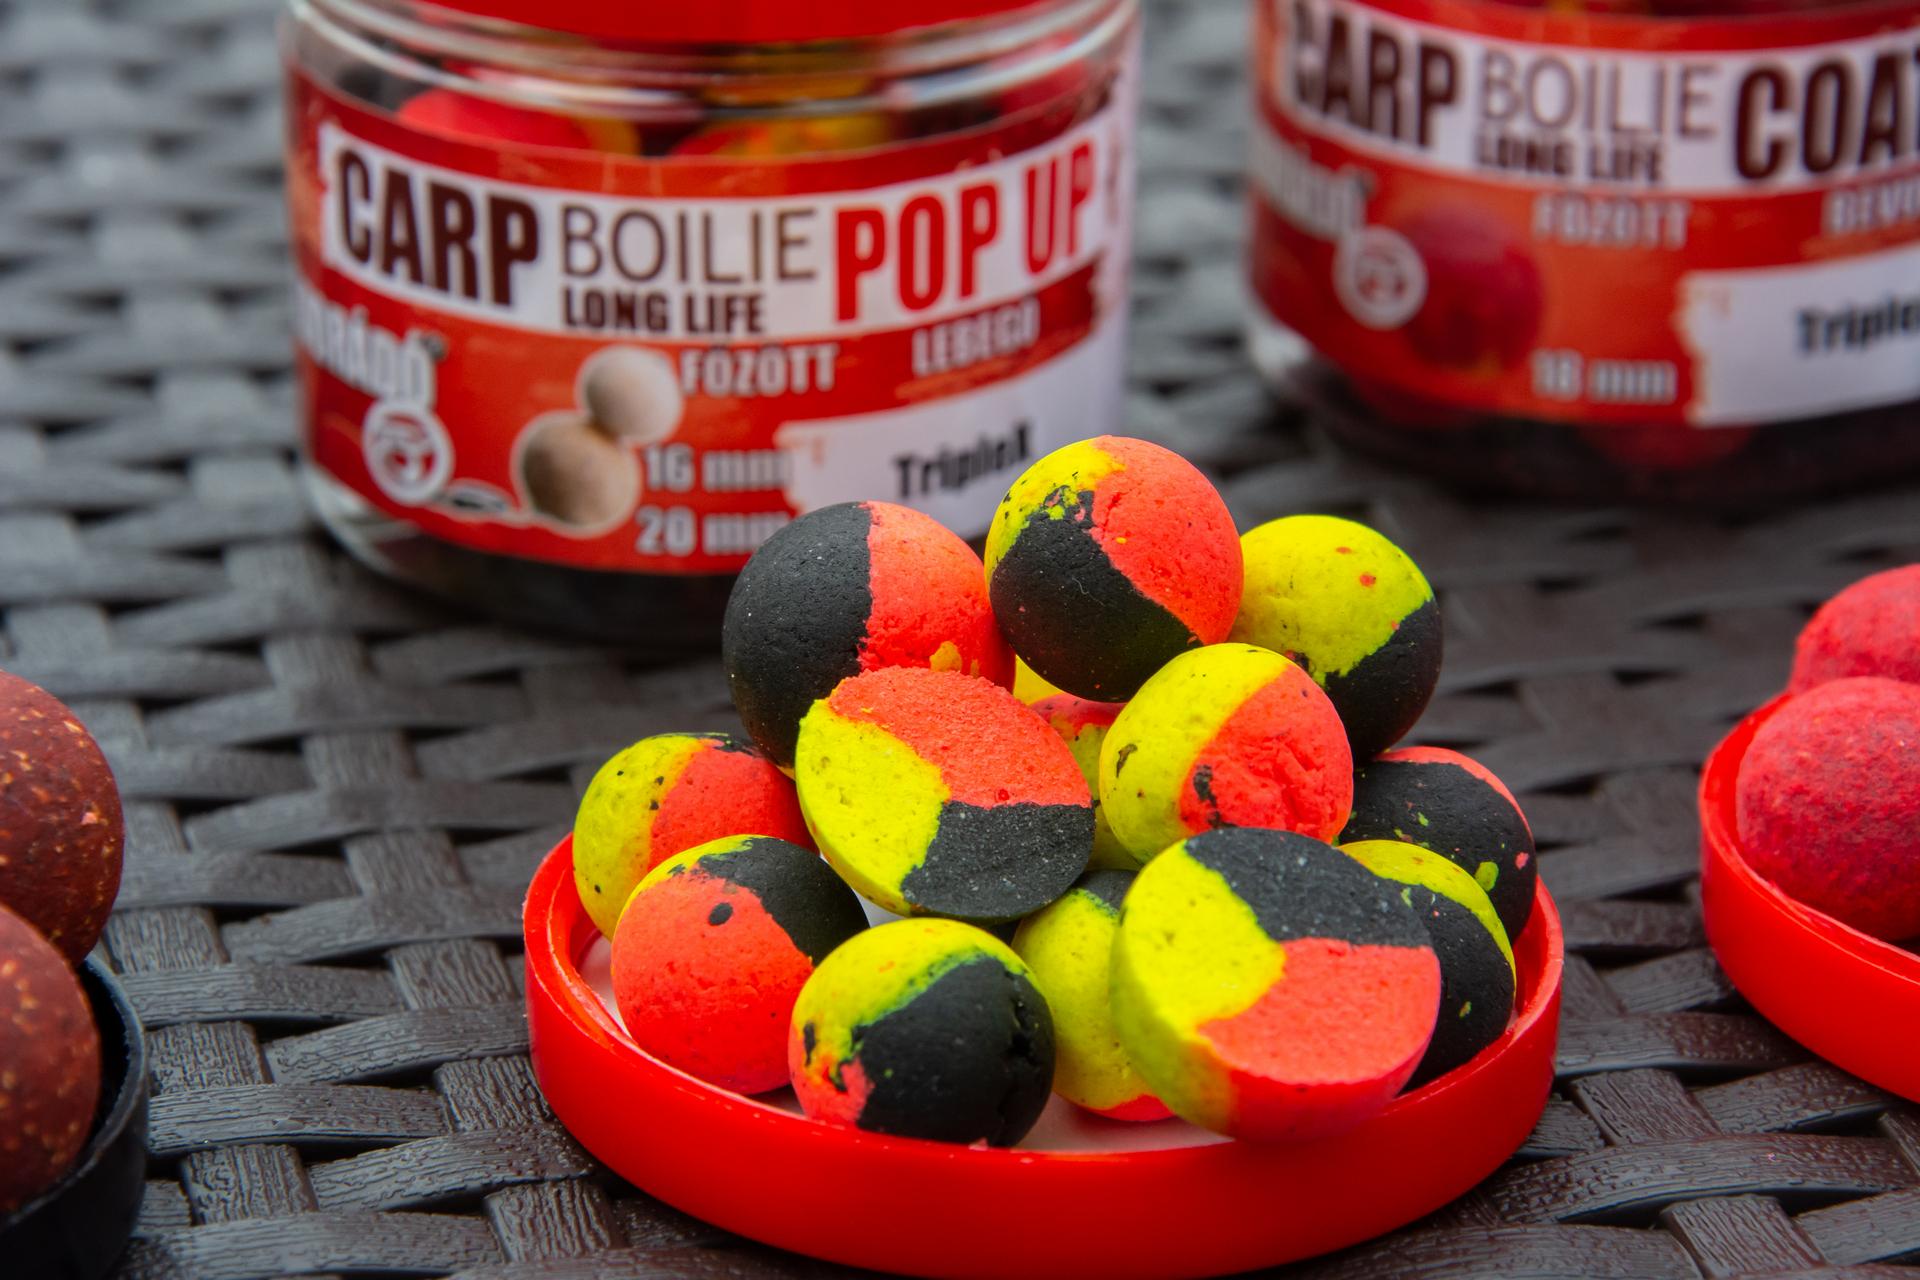 A TripleX Pop Up nemcsak háromféle ízű, hanem háromszínű is!